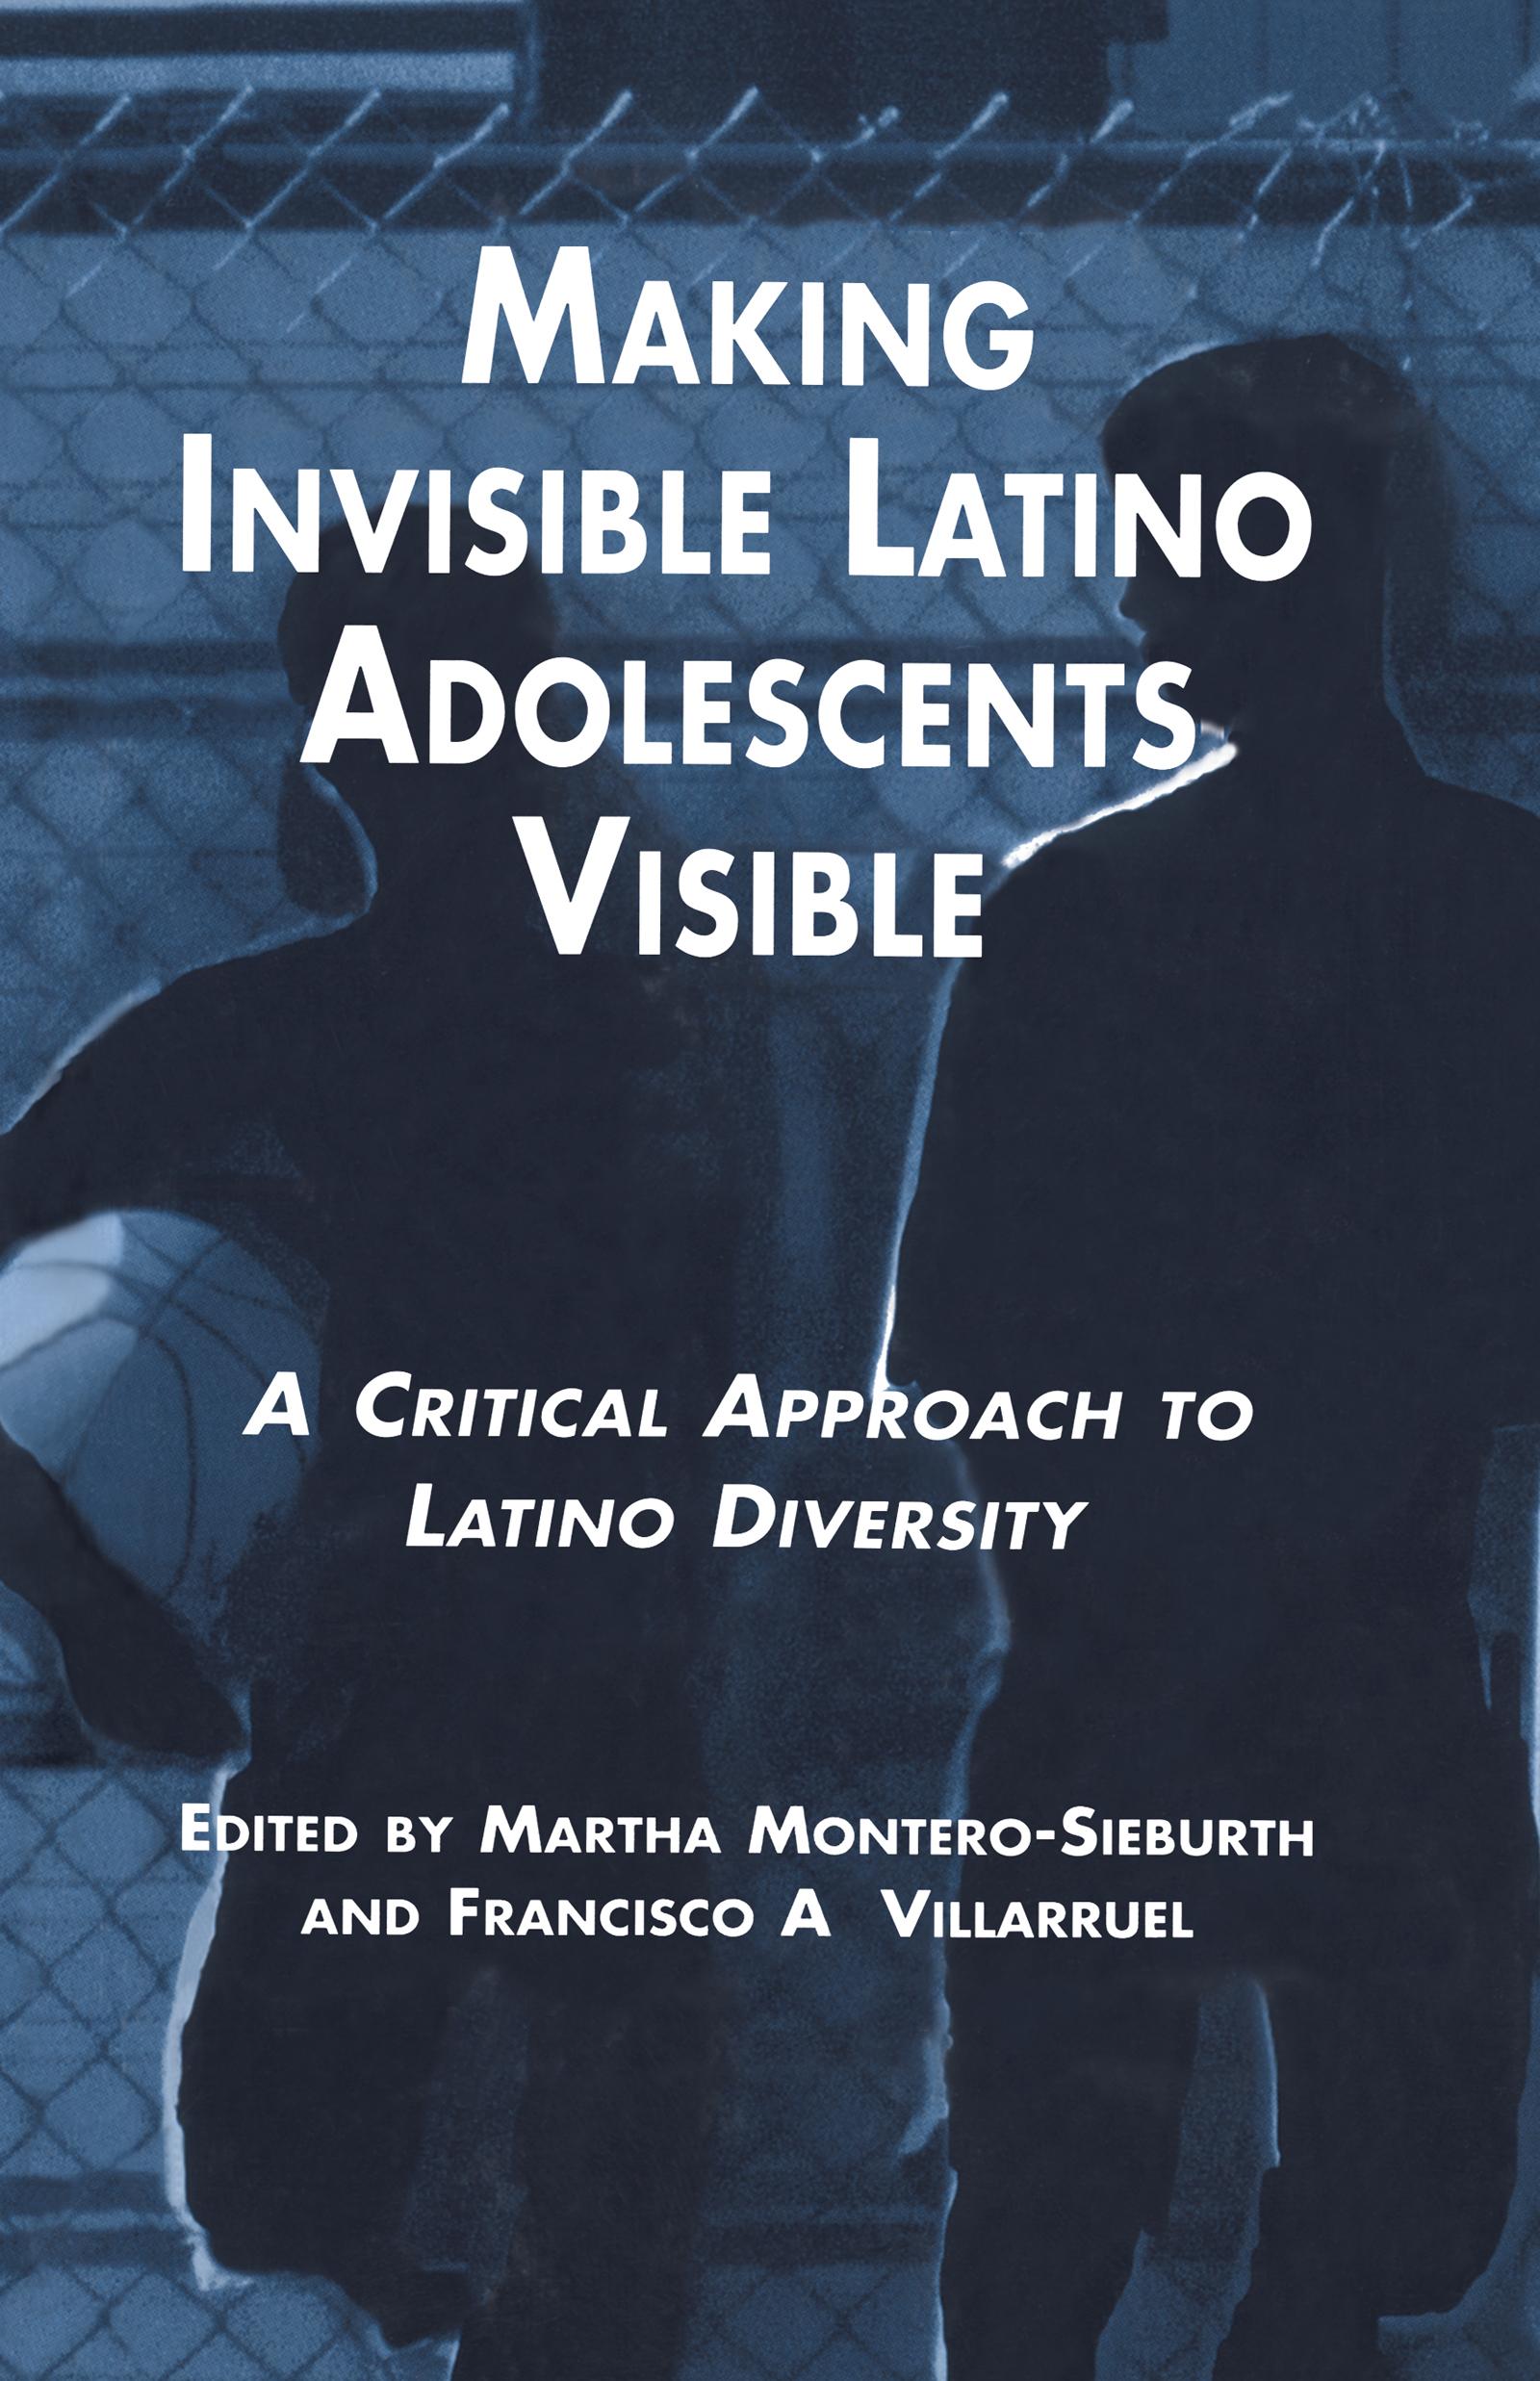 Making Invisible Latino Adolescents Visible